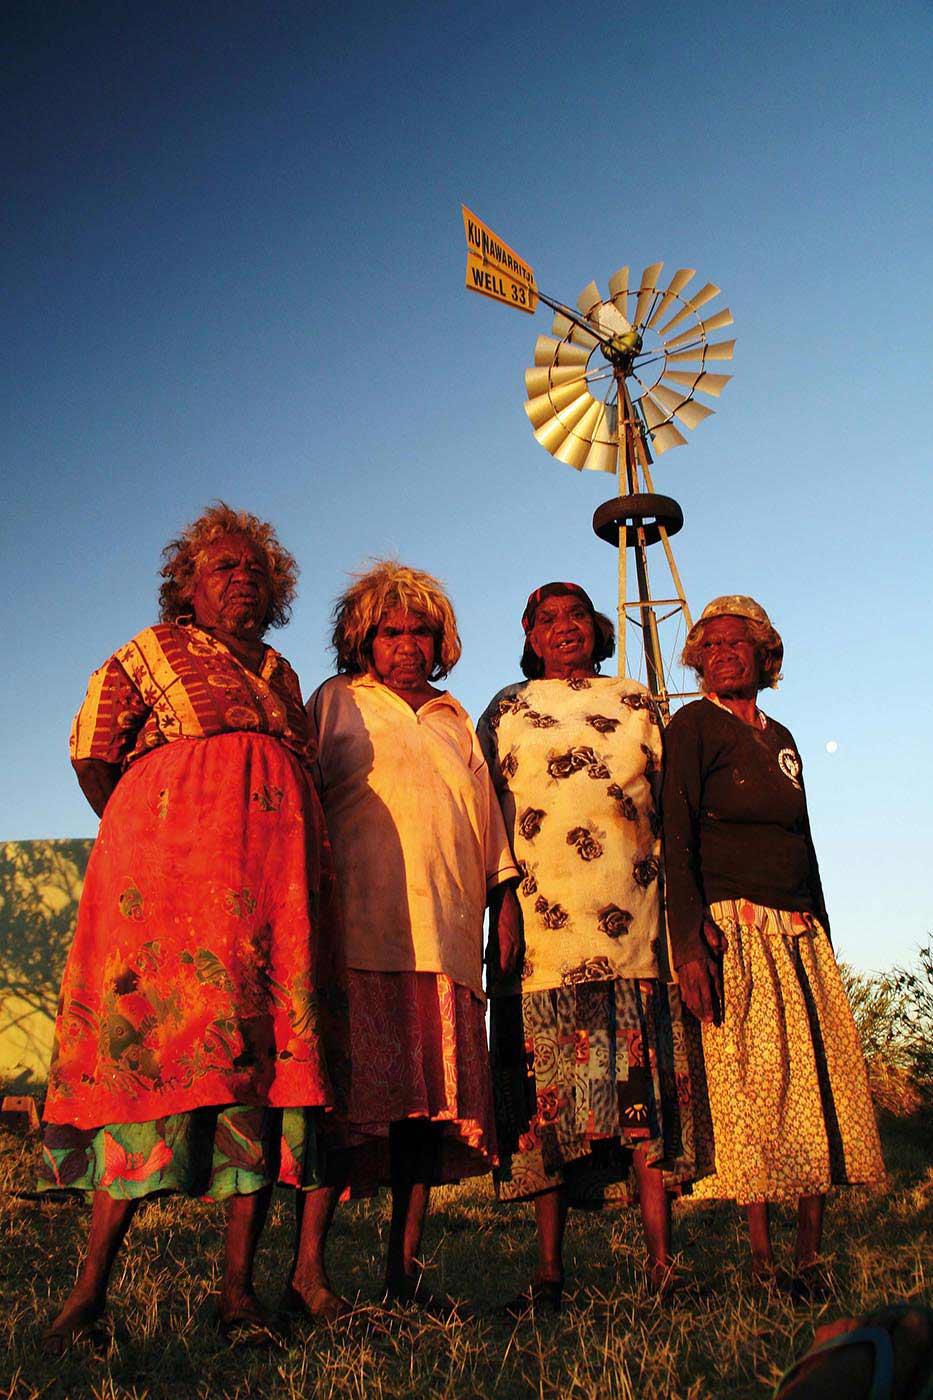 Nora Wompi, Bugai Whylouter, Kumpaya Girgaba and Nora Nangapa at Kunkun near Well 33.